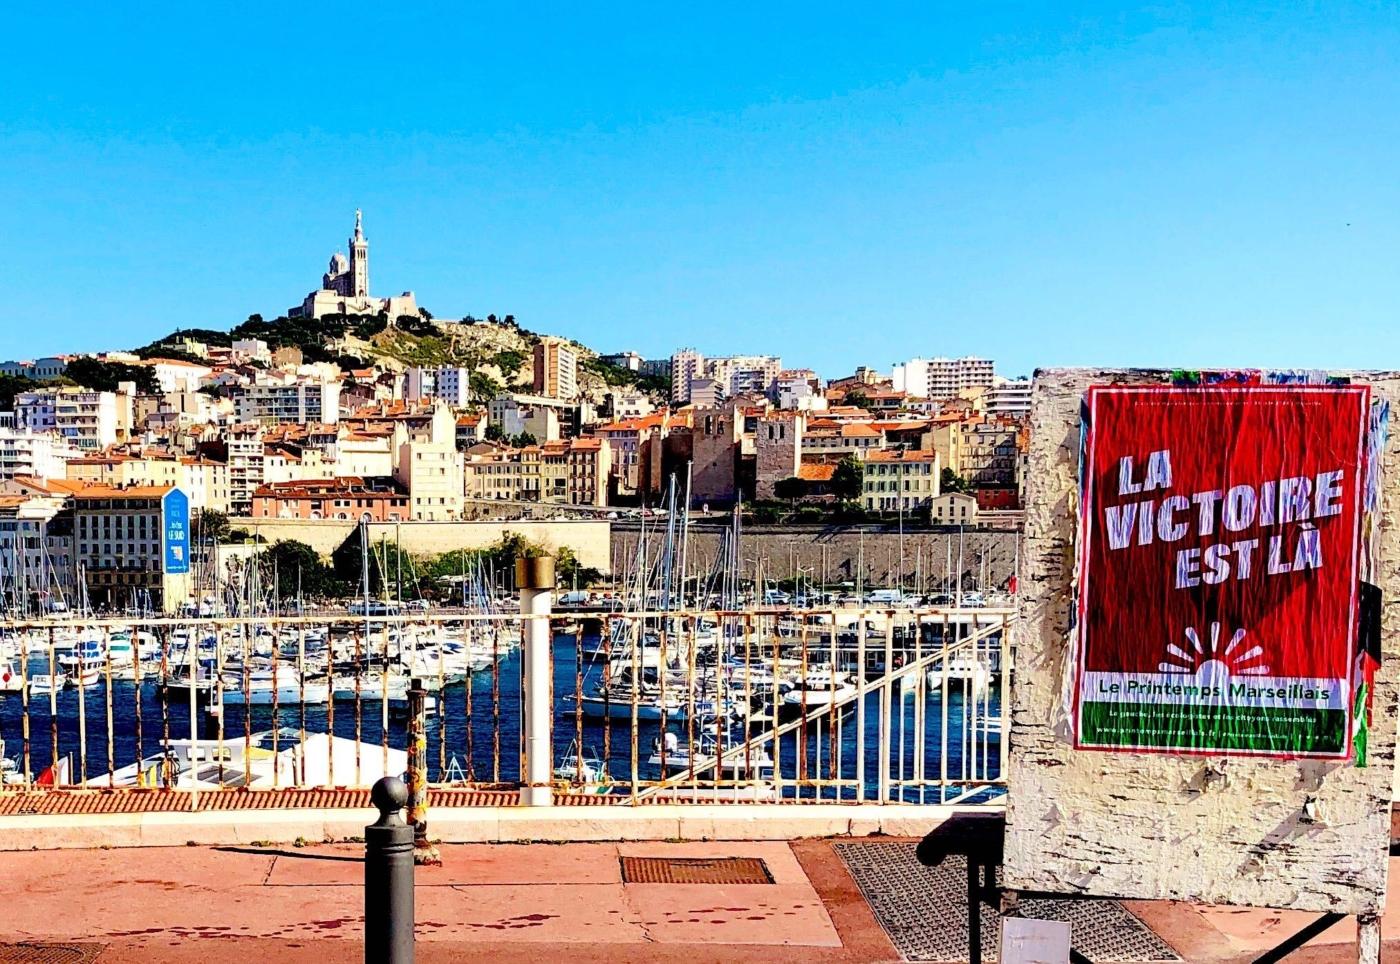 , Audit financier, écoles, logement : l'été s'annonce studieux pour la nouvelle équipe municipale, Made in Marseille